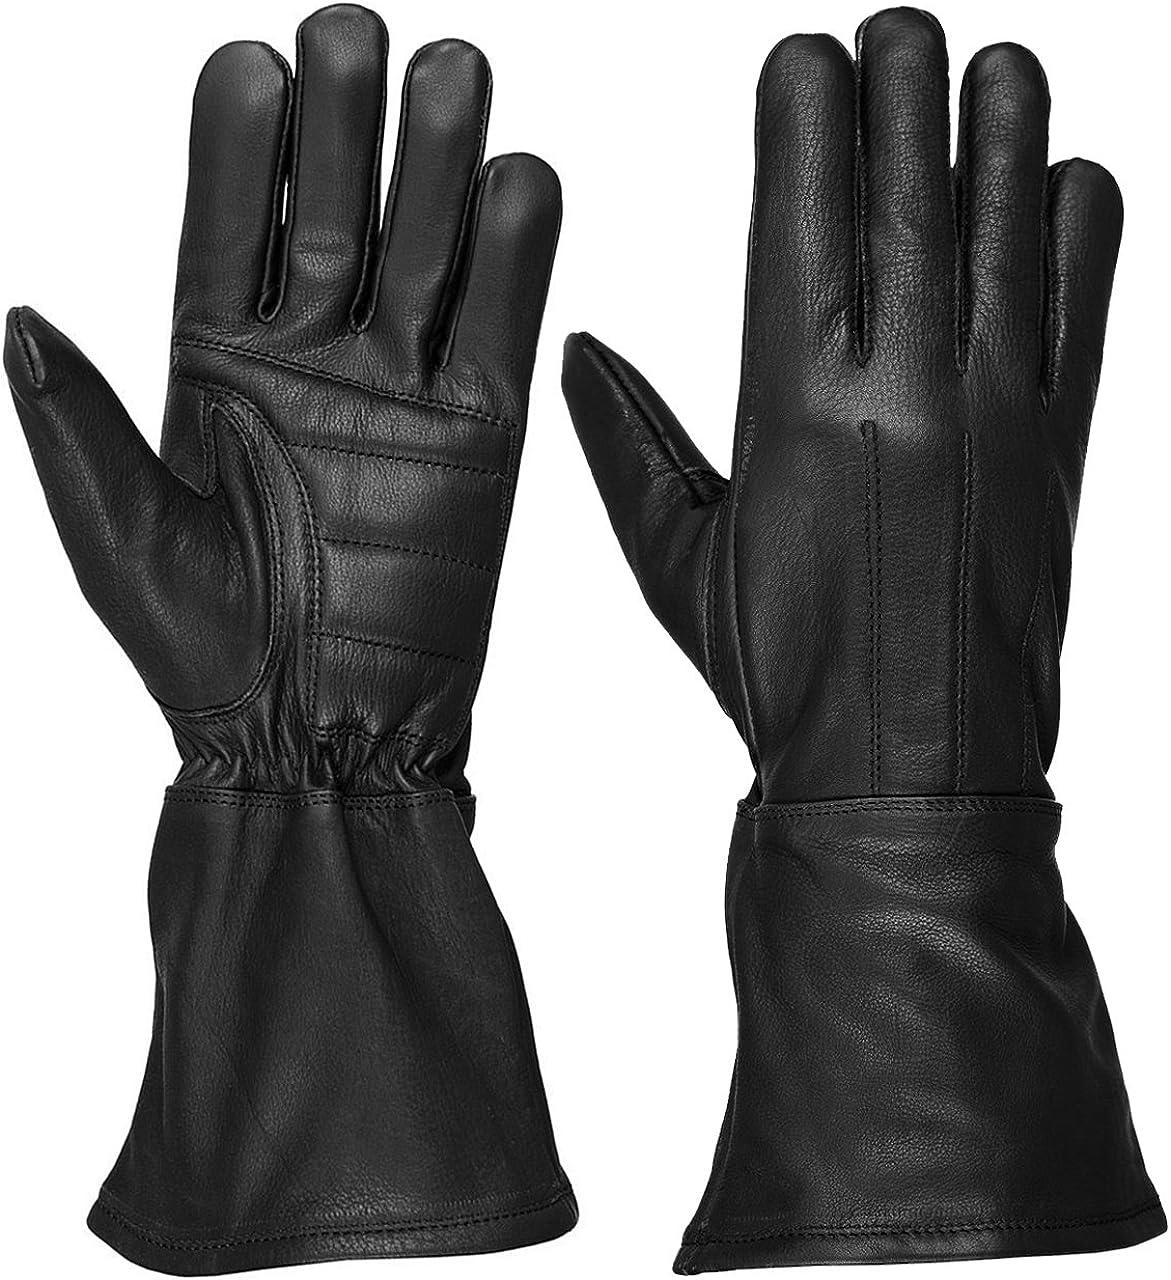 Deluxe Hugger Men's Overseas parallel import regular item Unlined Extra Long Gauntlet Leather Water Resistant